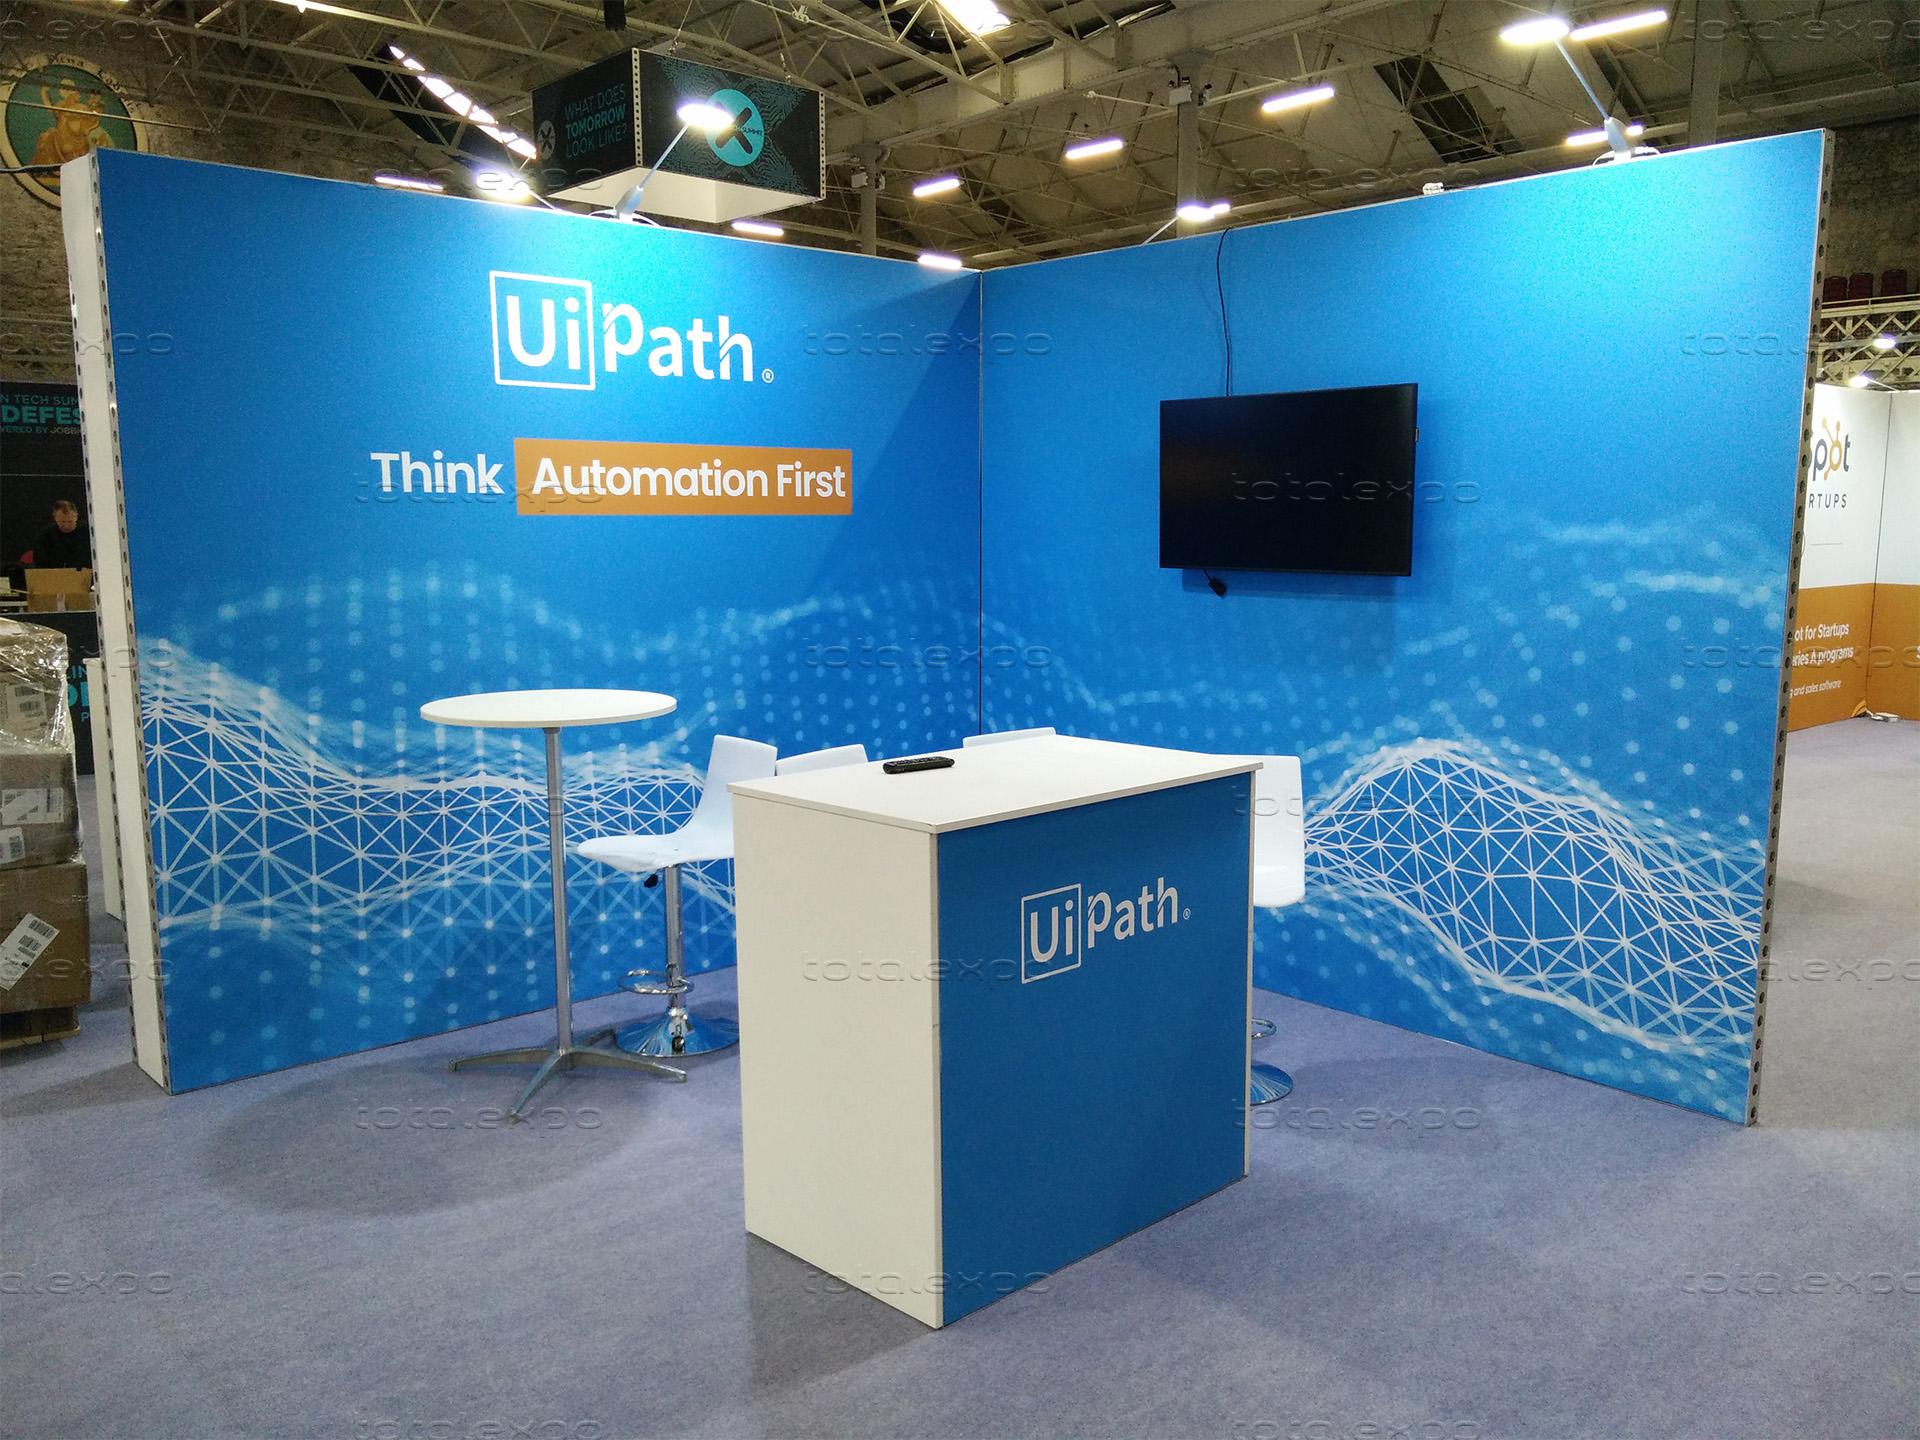 UI Path at Dublin Tech Summit 2019 - Total Expo